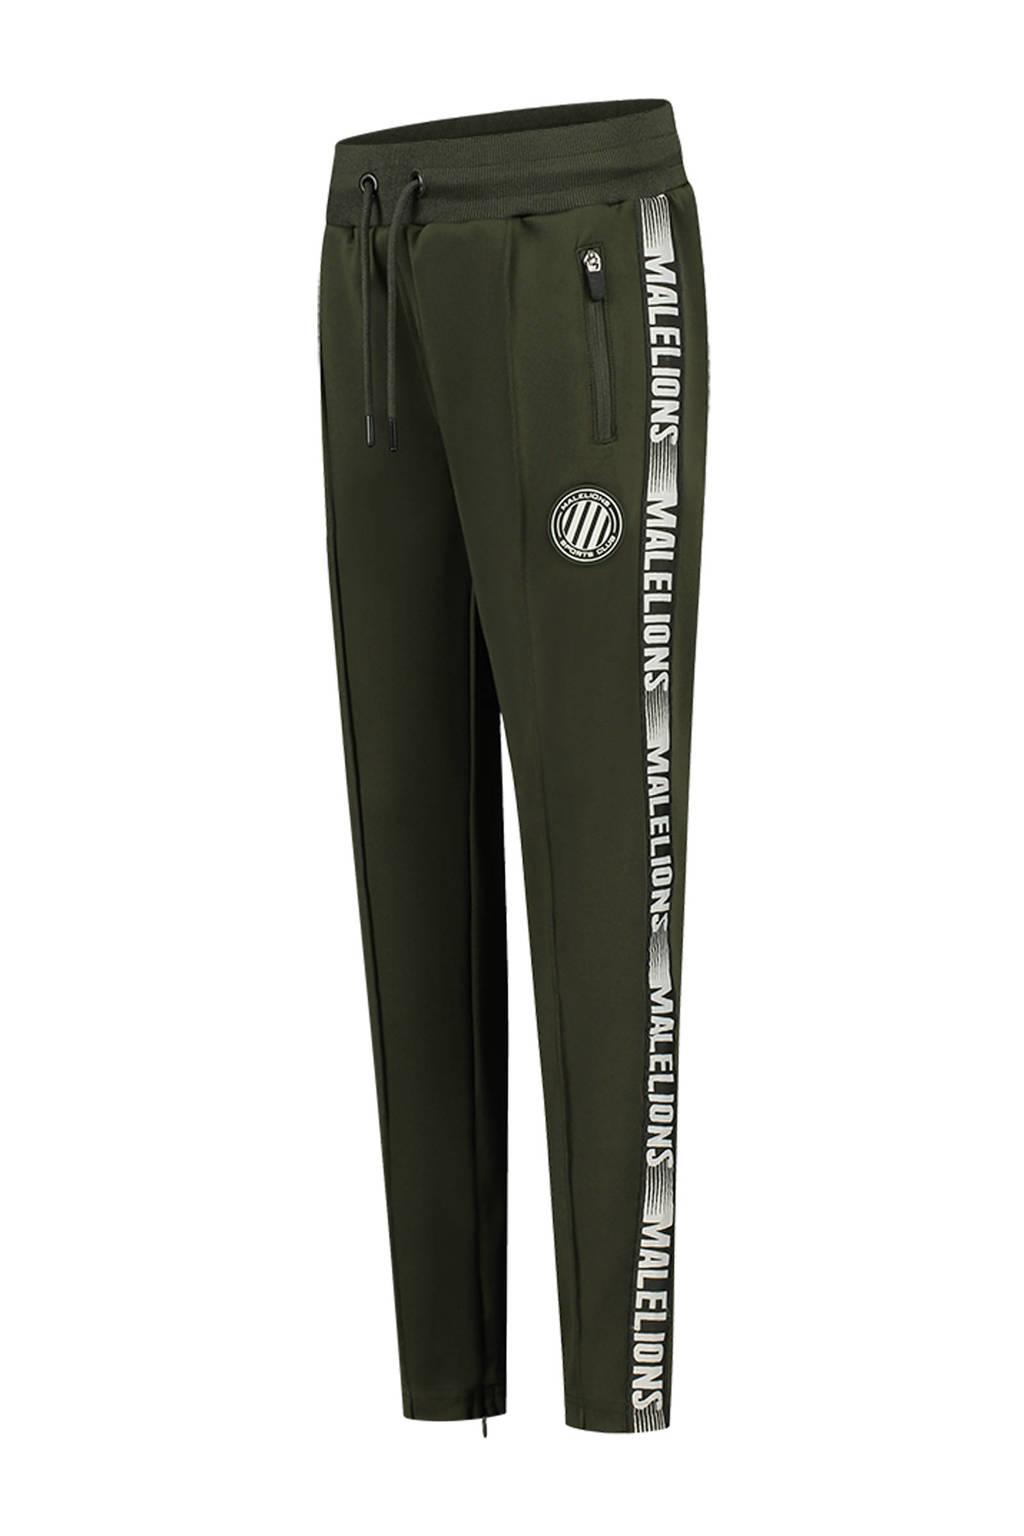 Malelions skinny joggingbroek met zijstreep army groen/wit, Army groen/wit